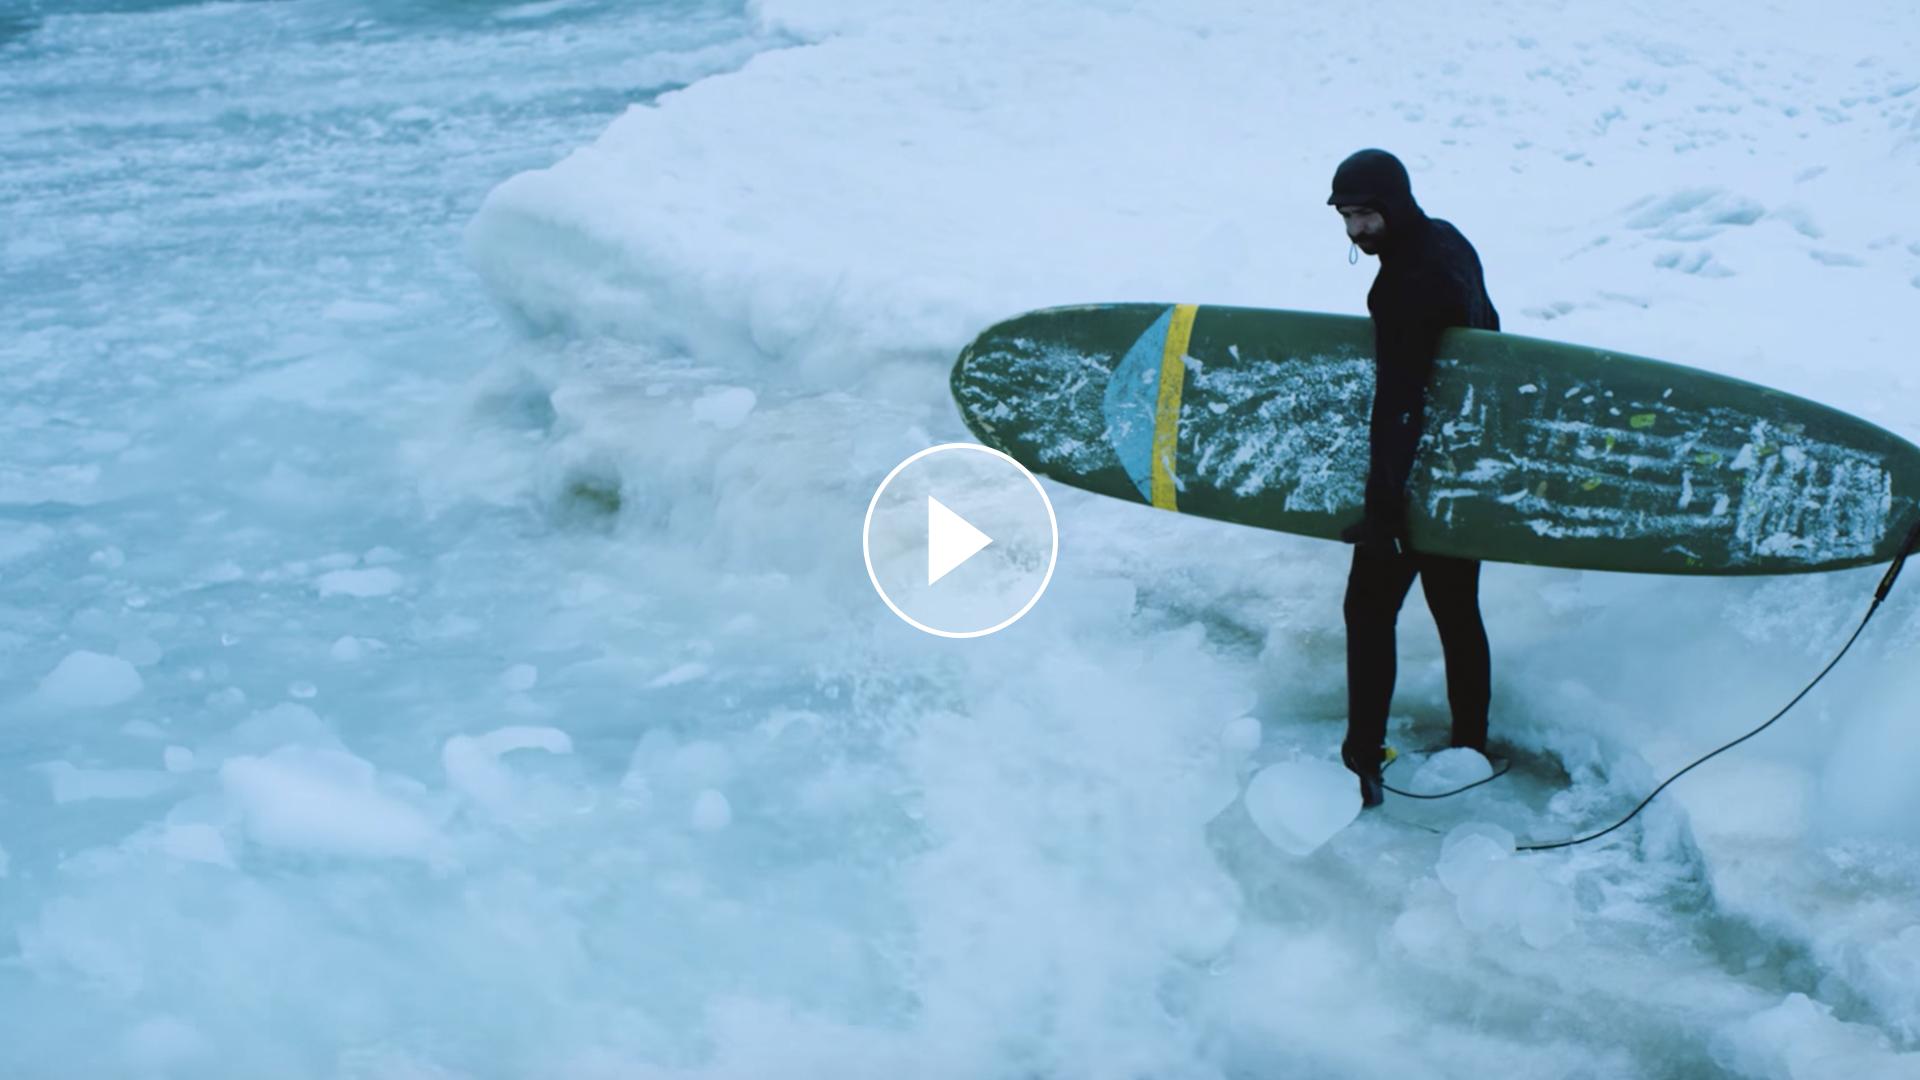 Surfer Dan Video